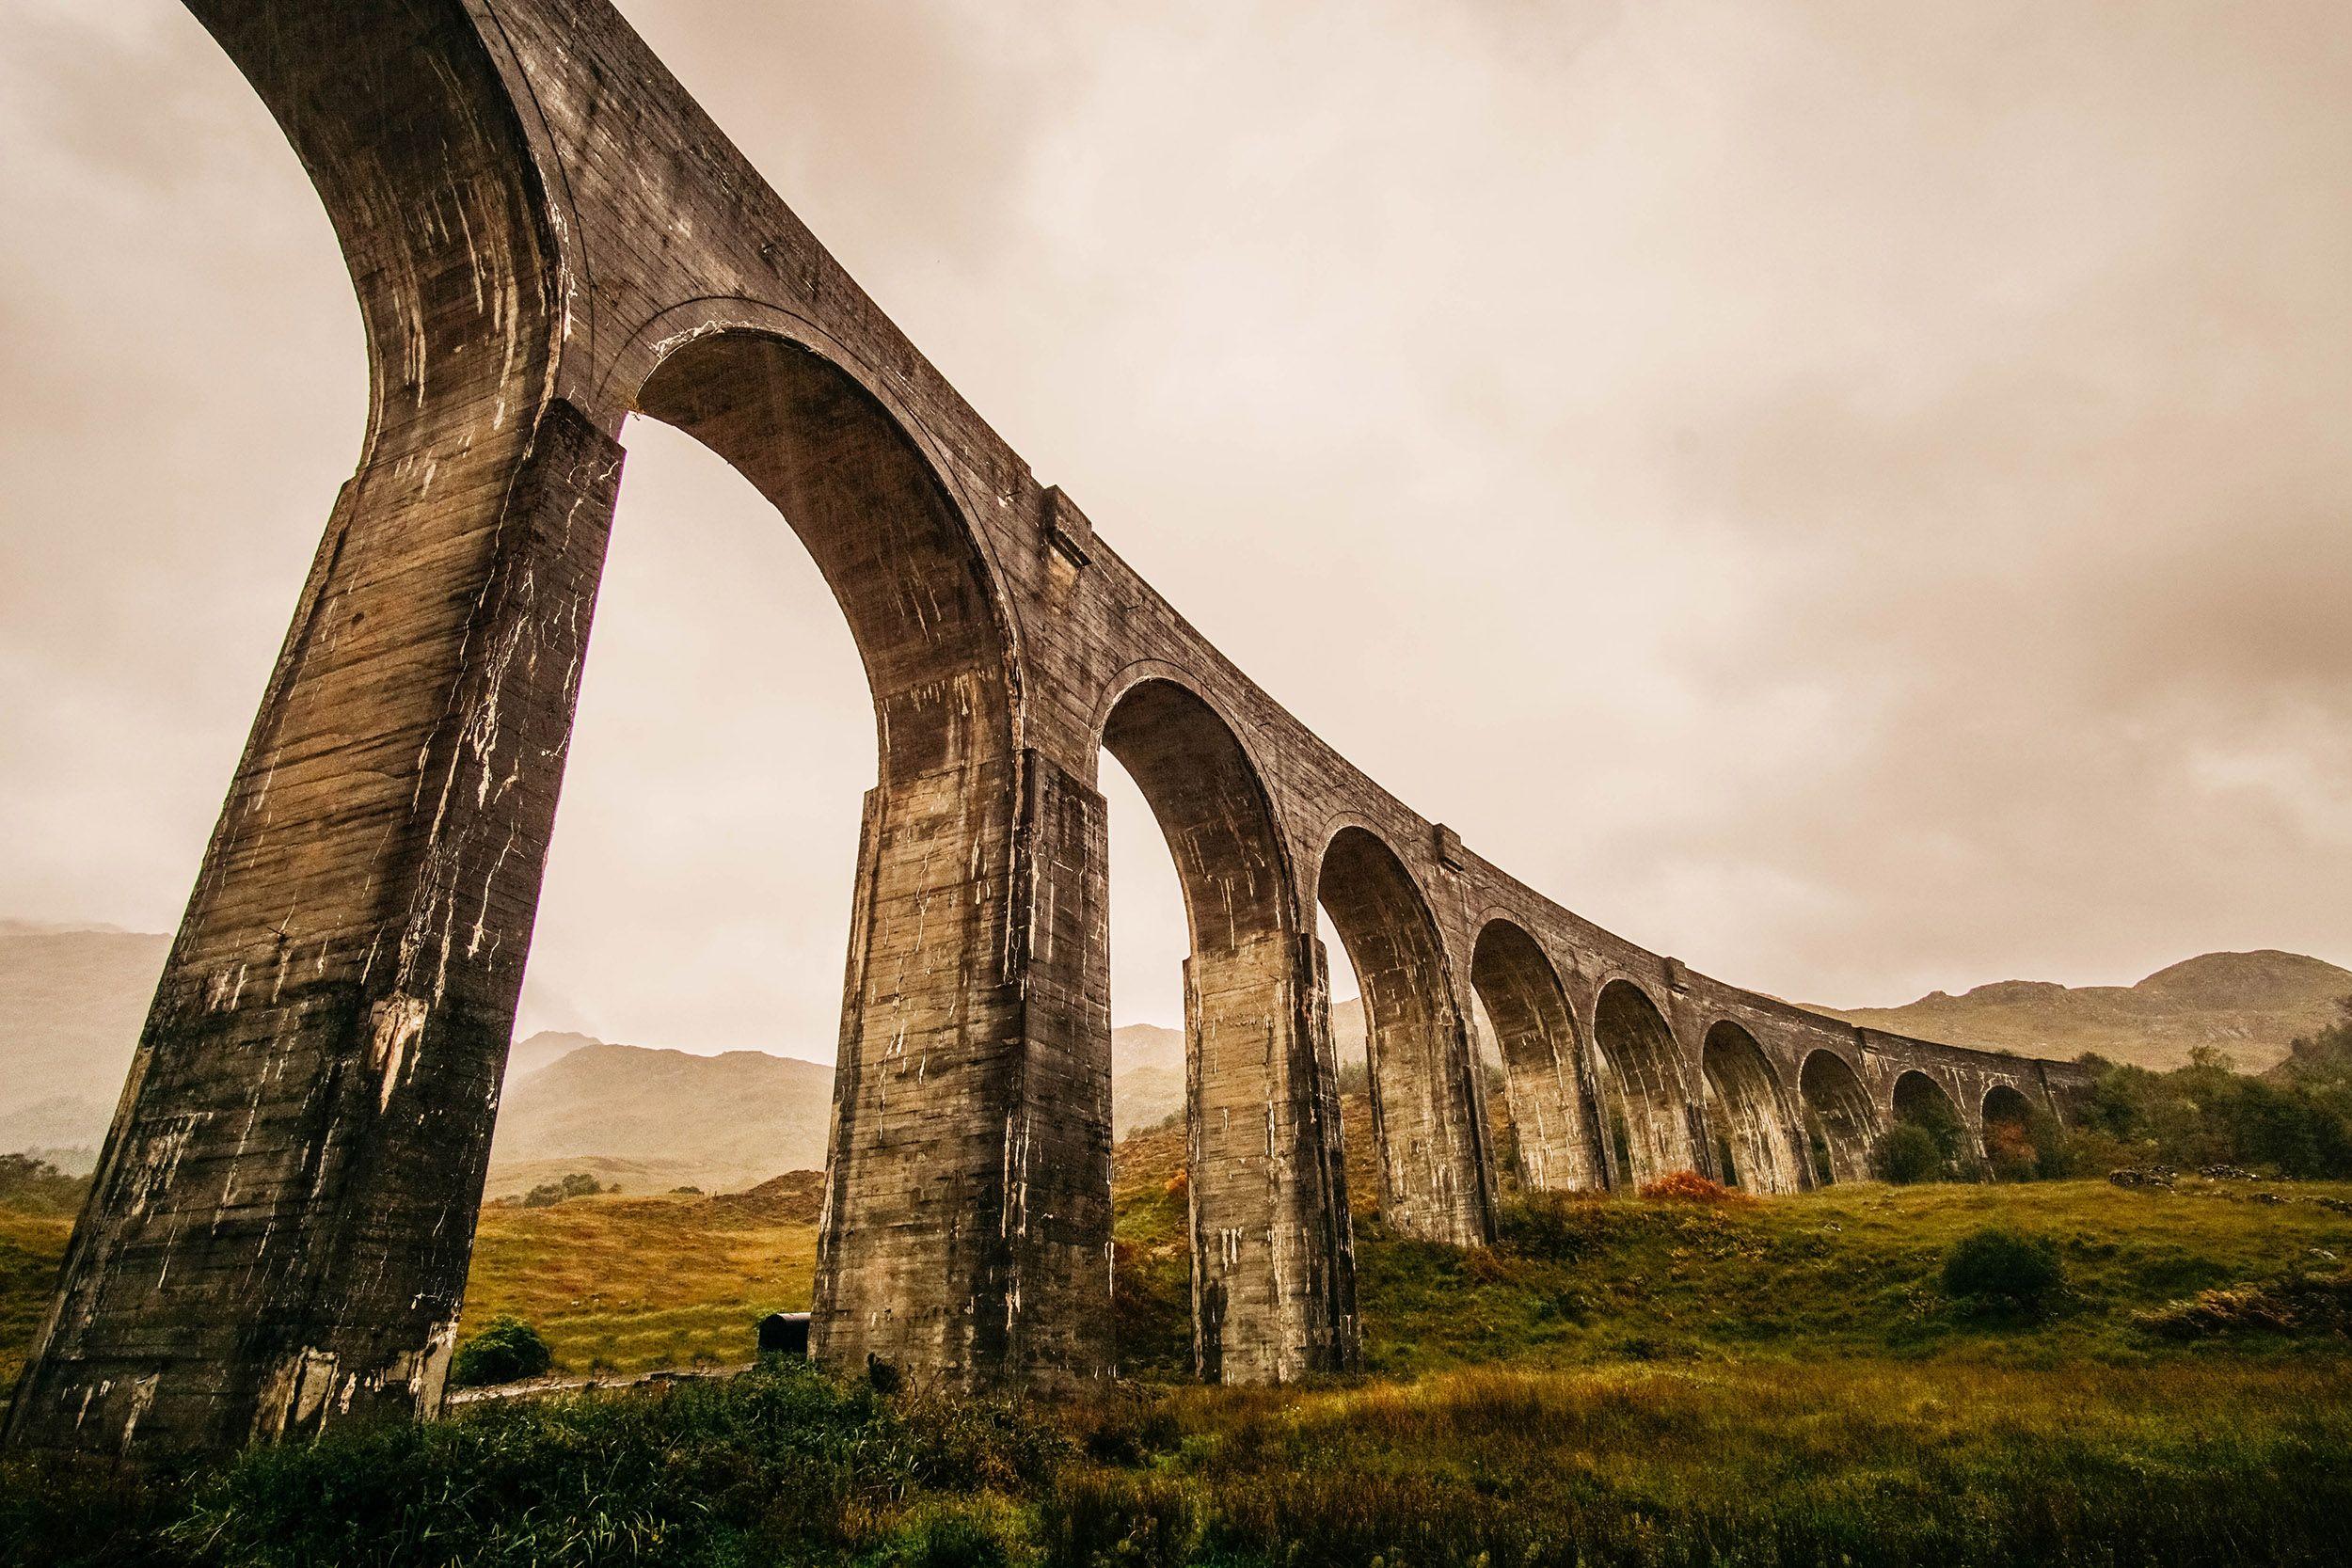 Mit Dem Auto Durch Schottland Isle Of Skye Glencoe Fort Williams Die Harry Potter Brucke Portree My Mirror World Schottland Isle Of Skye Autos